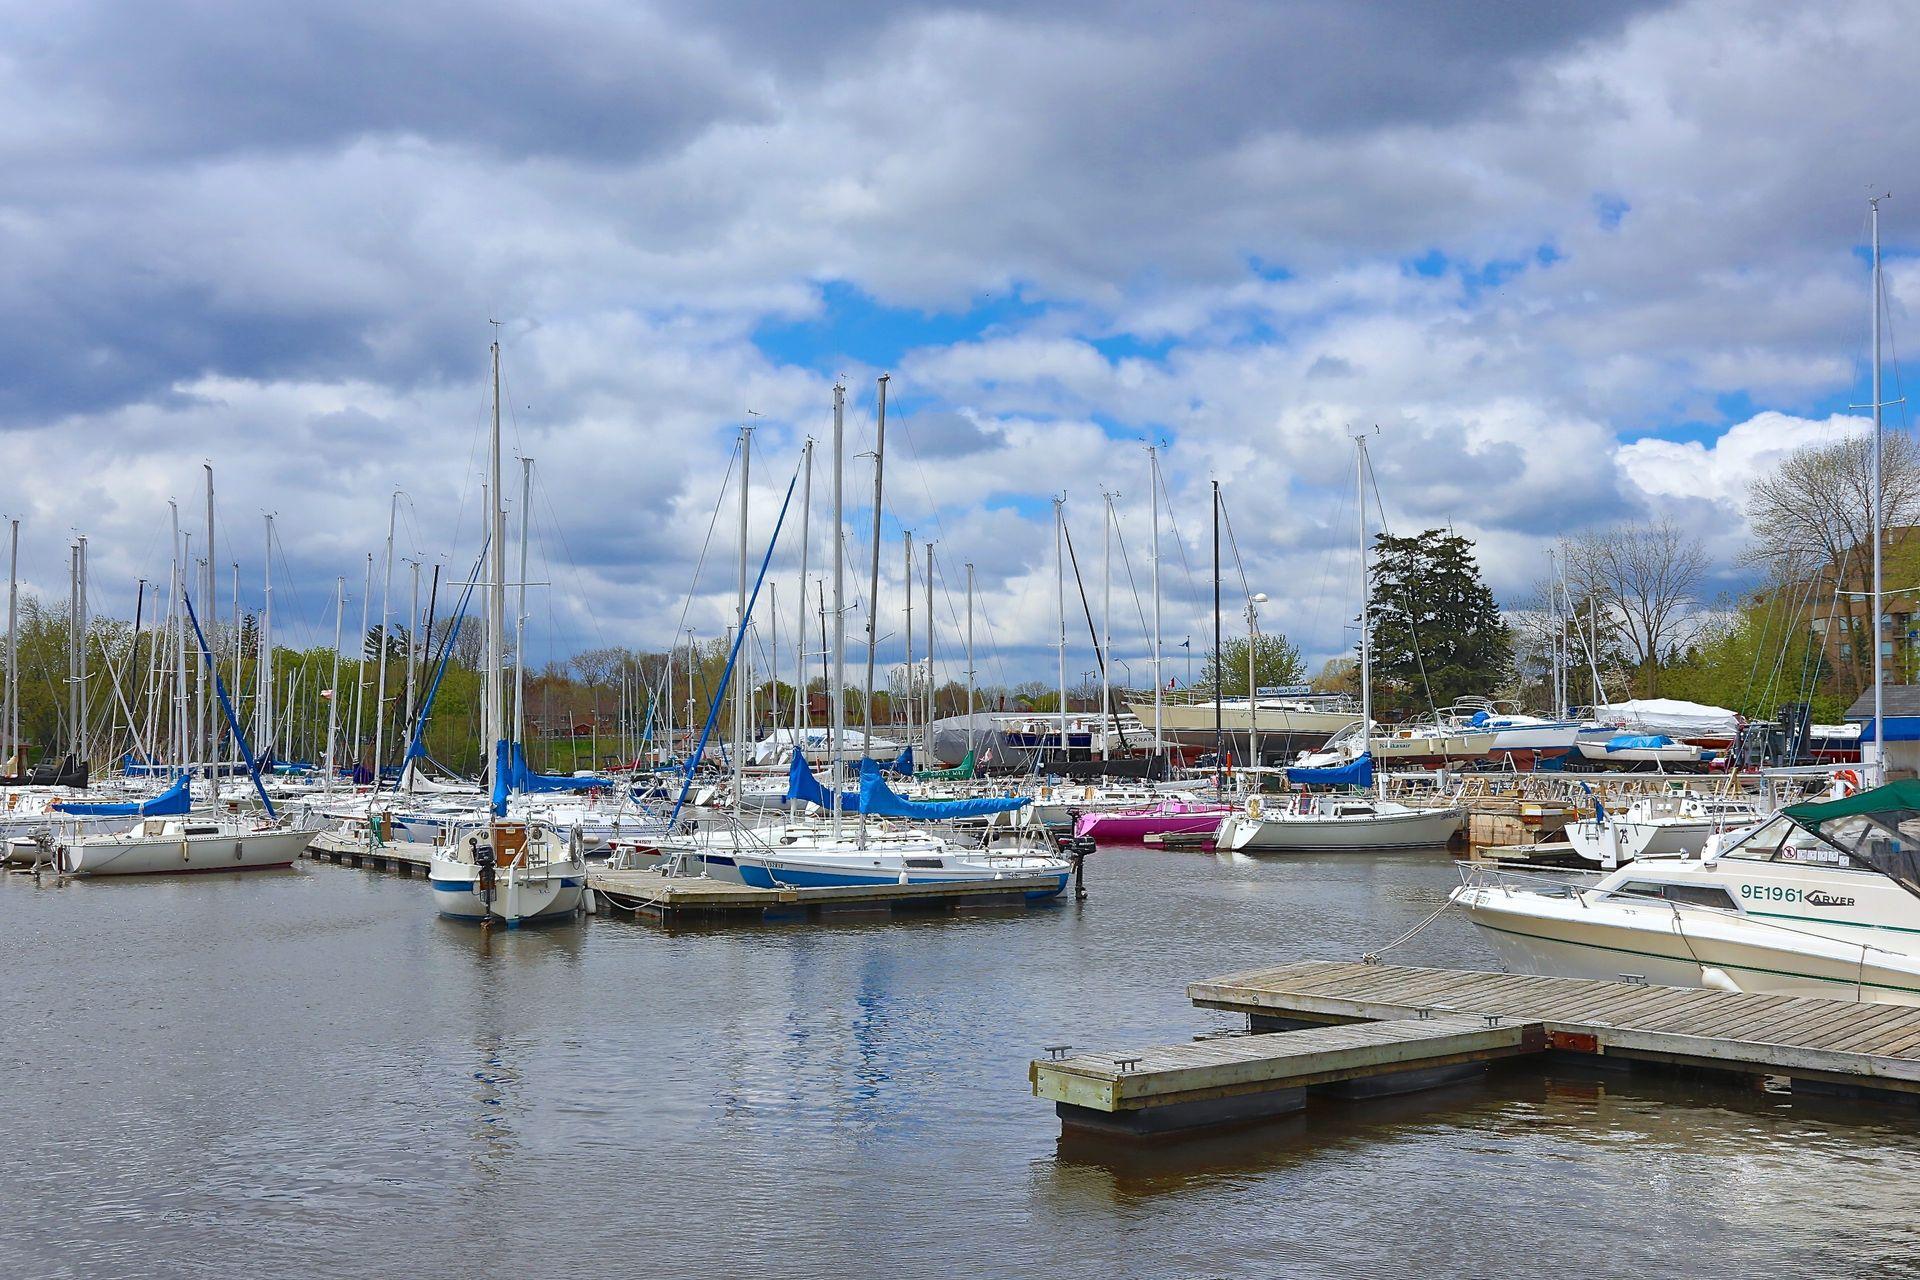 2511-lakeshore-rd-w-oakville-print-074-011-lakeshore-rd-w-3840x2560-300dpi at 318 - 2511 Lakeshore Road West, Bronte West, Oakville